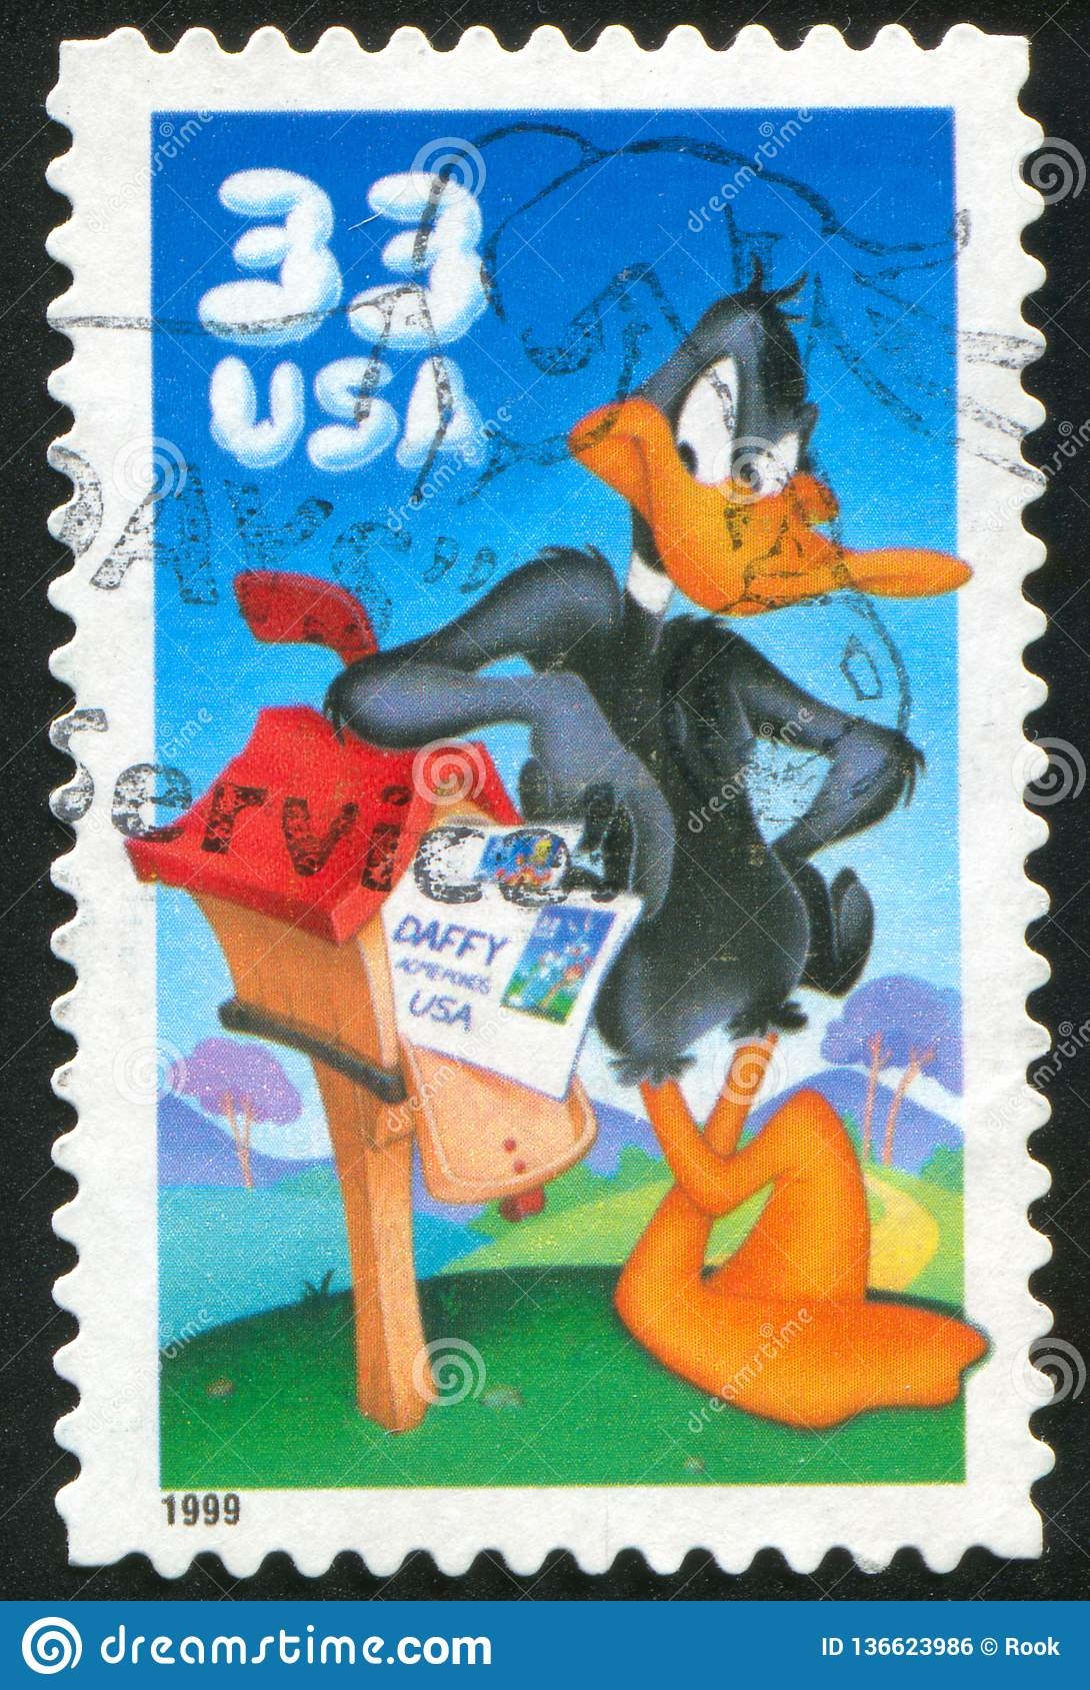 Daffy Eend